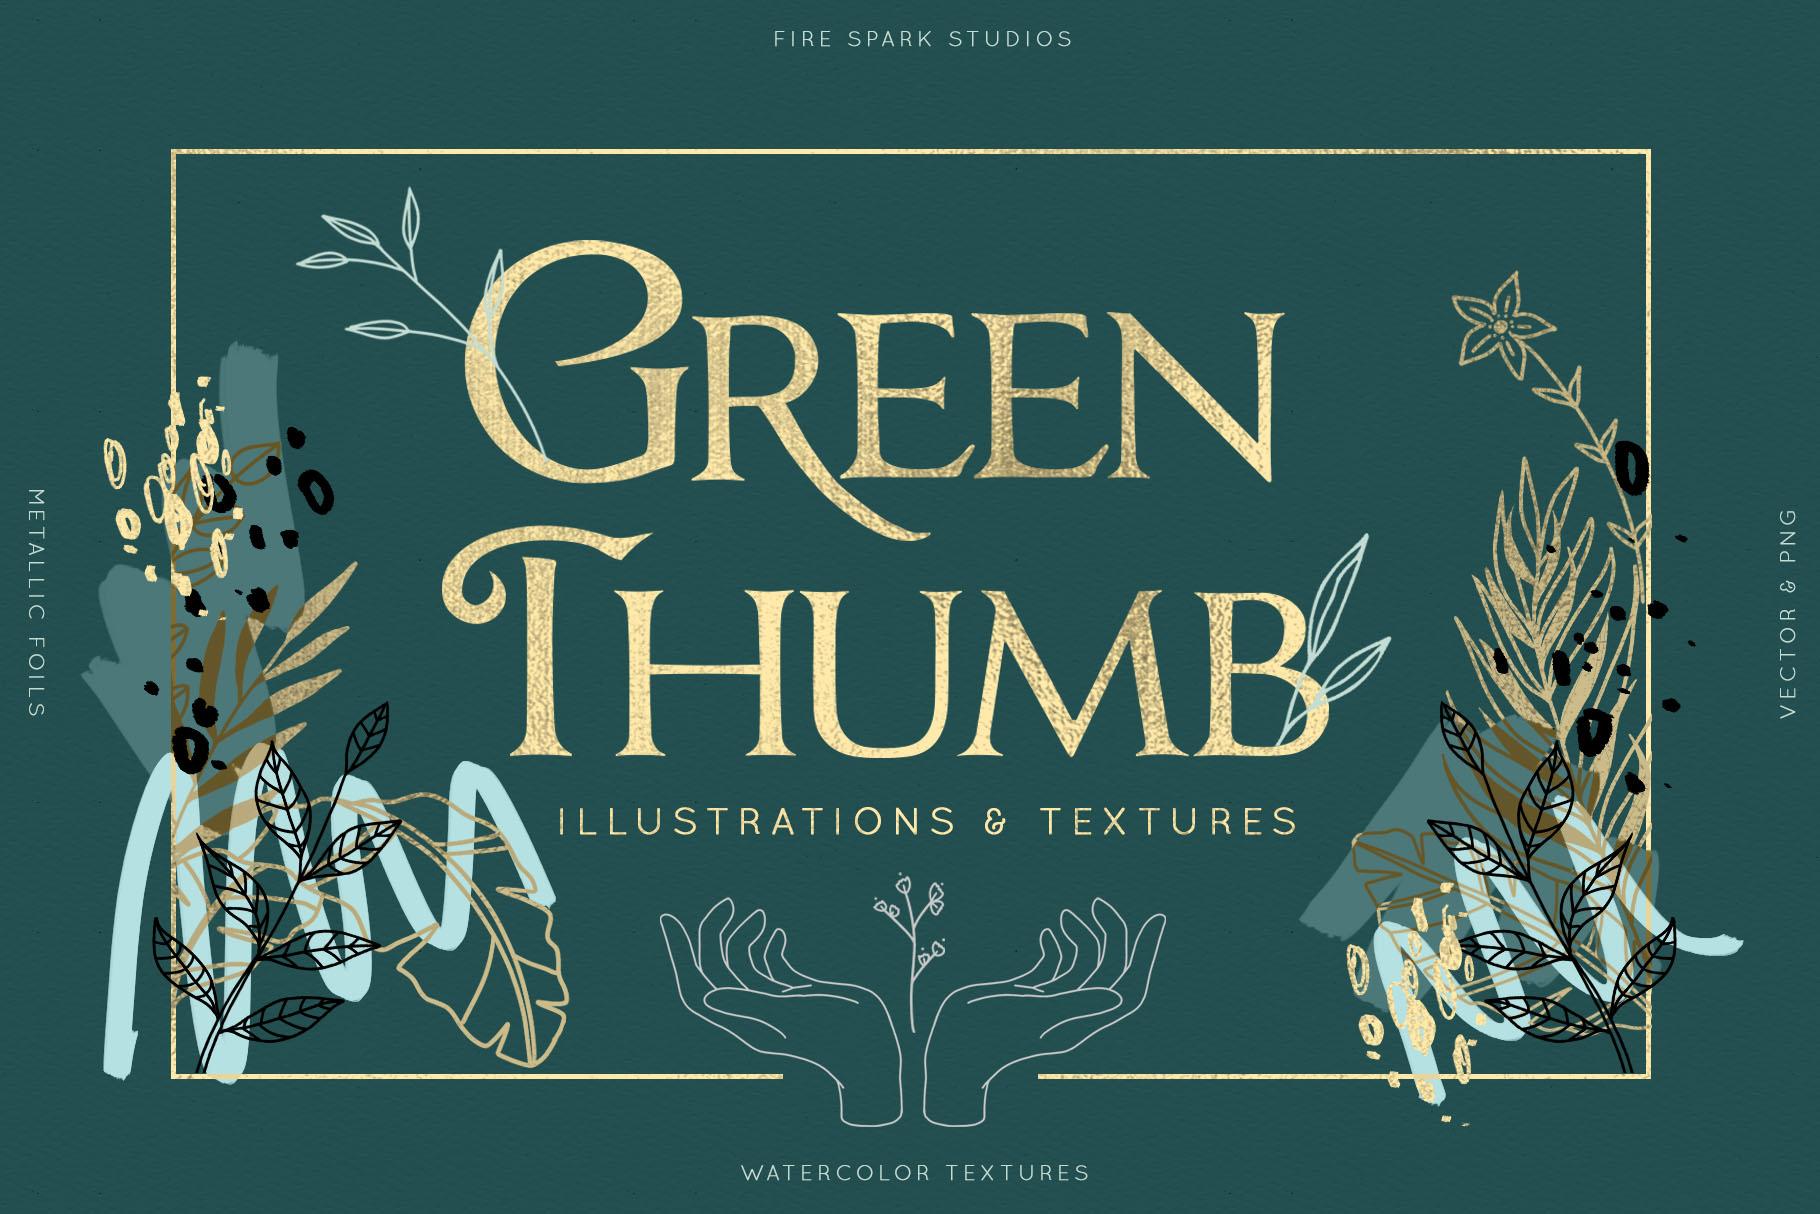 Green Thumb Illustrations & Textures - $14+